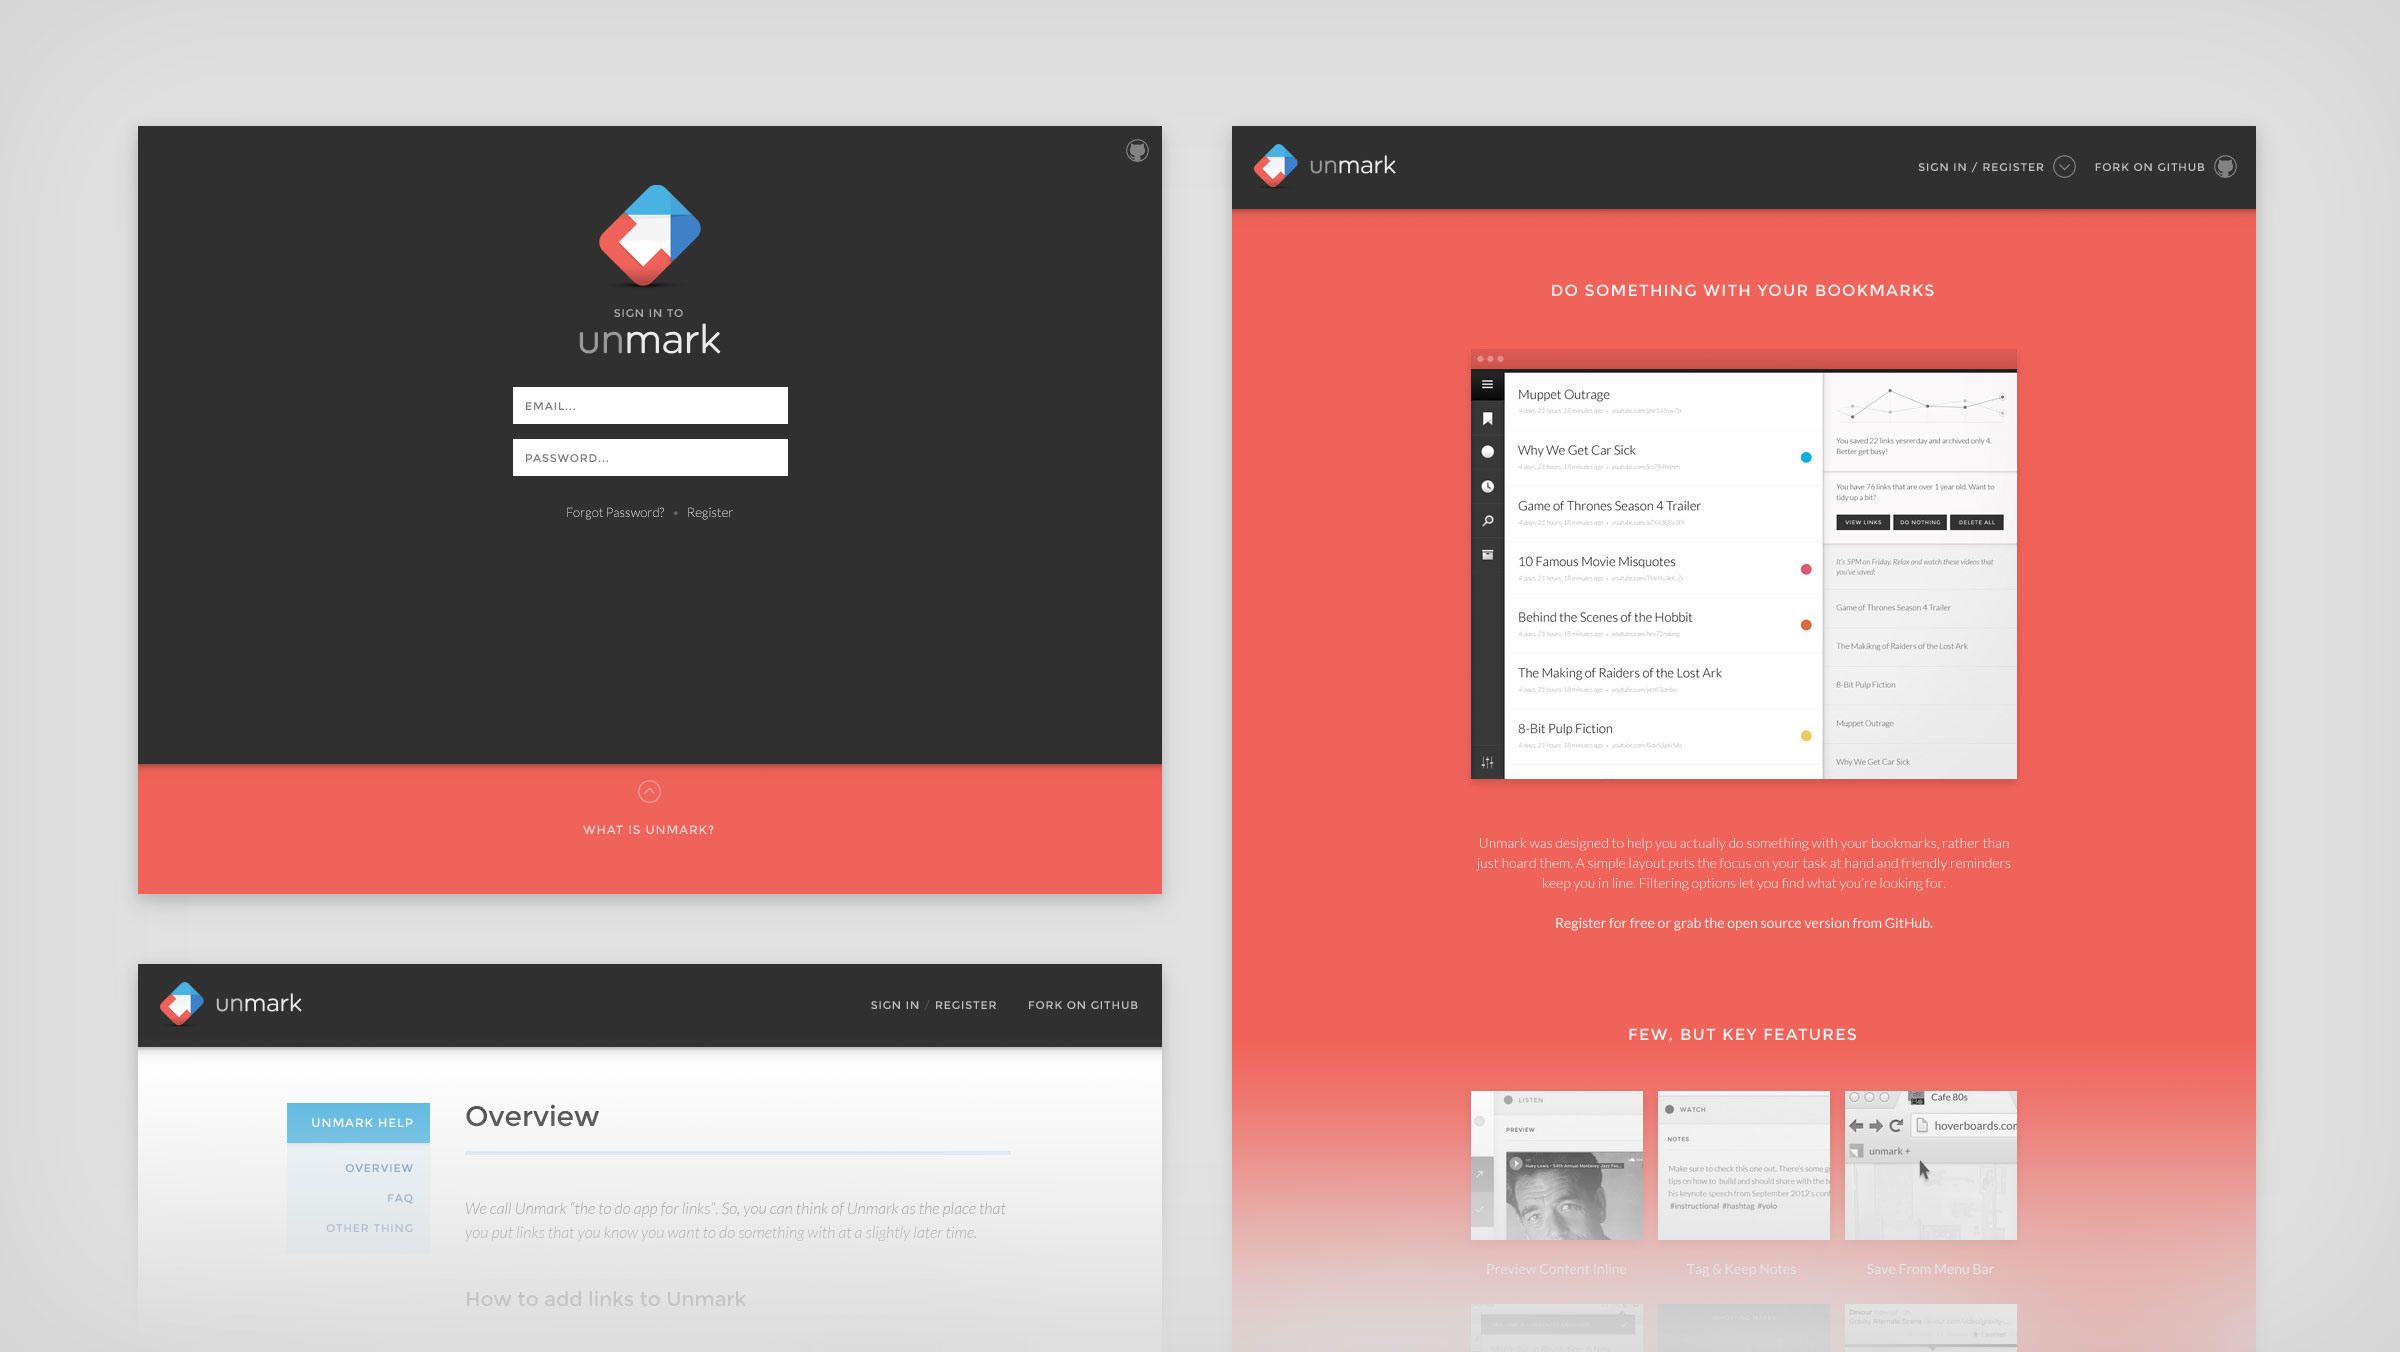 Image Unmark Website